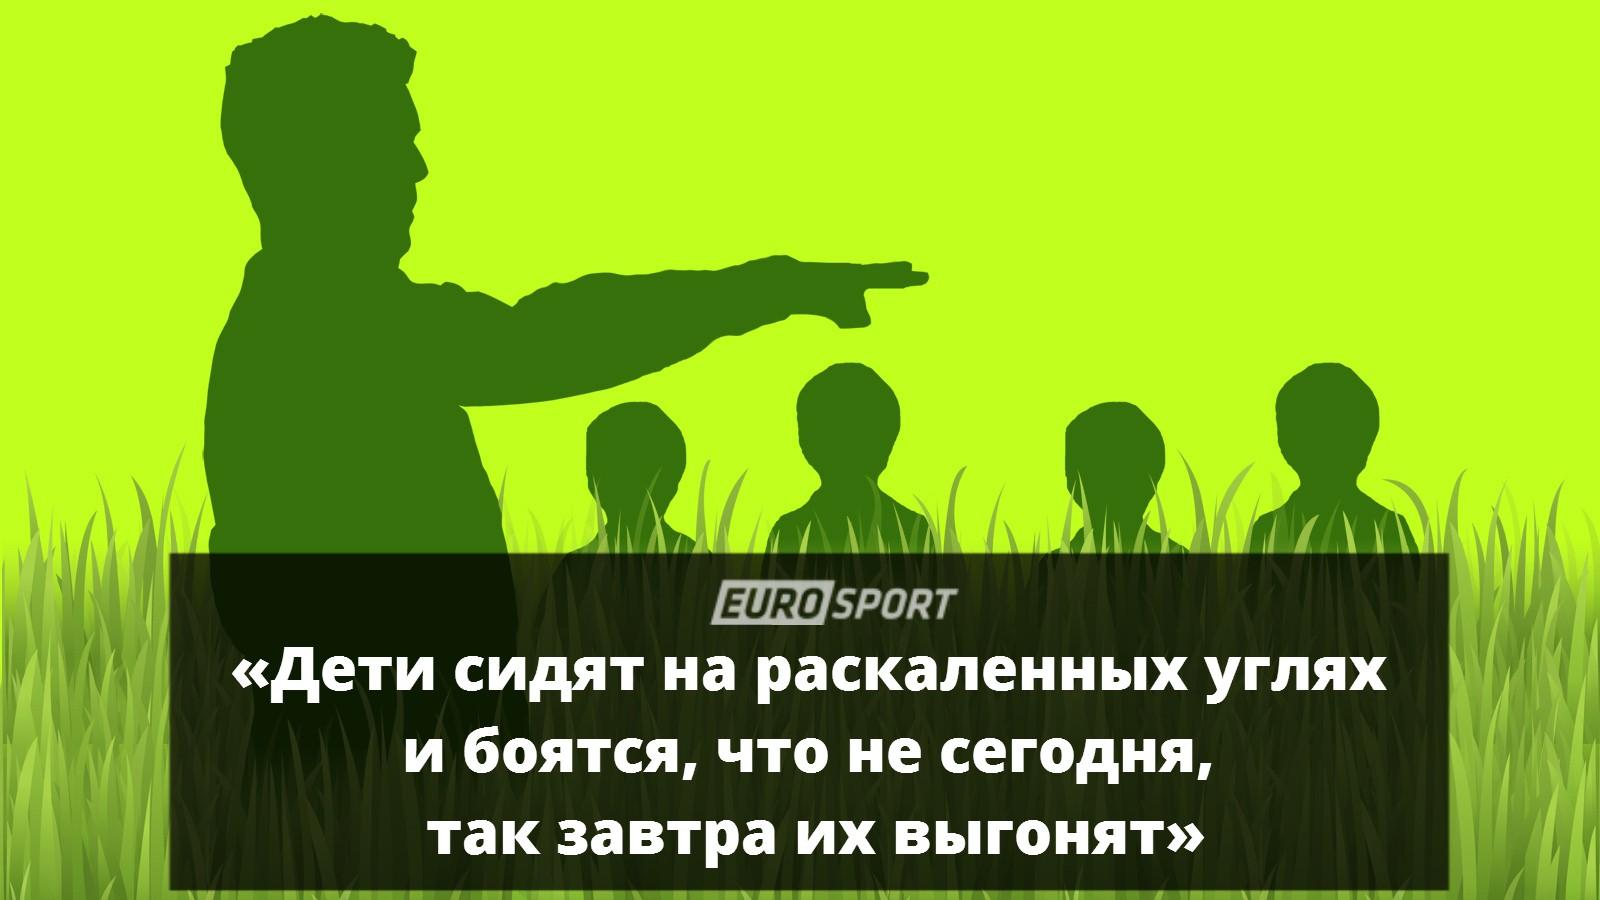 КВУ, Детский тренер